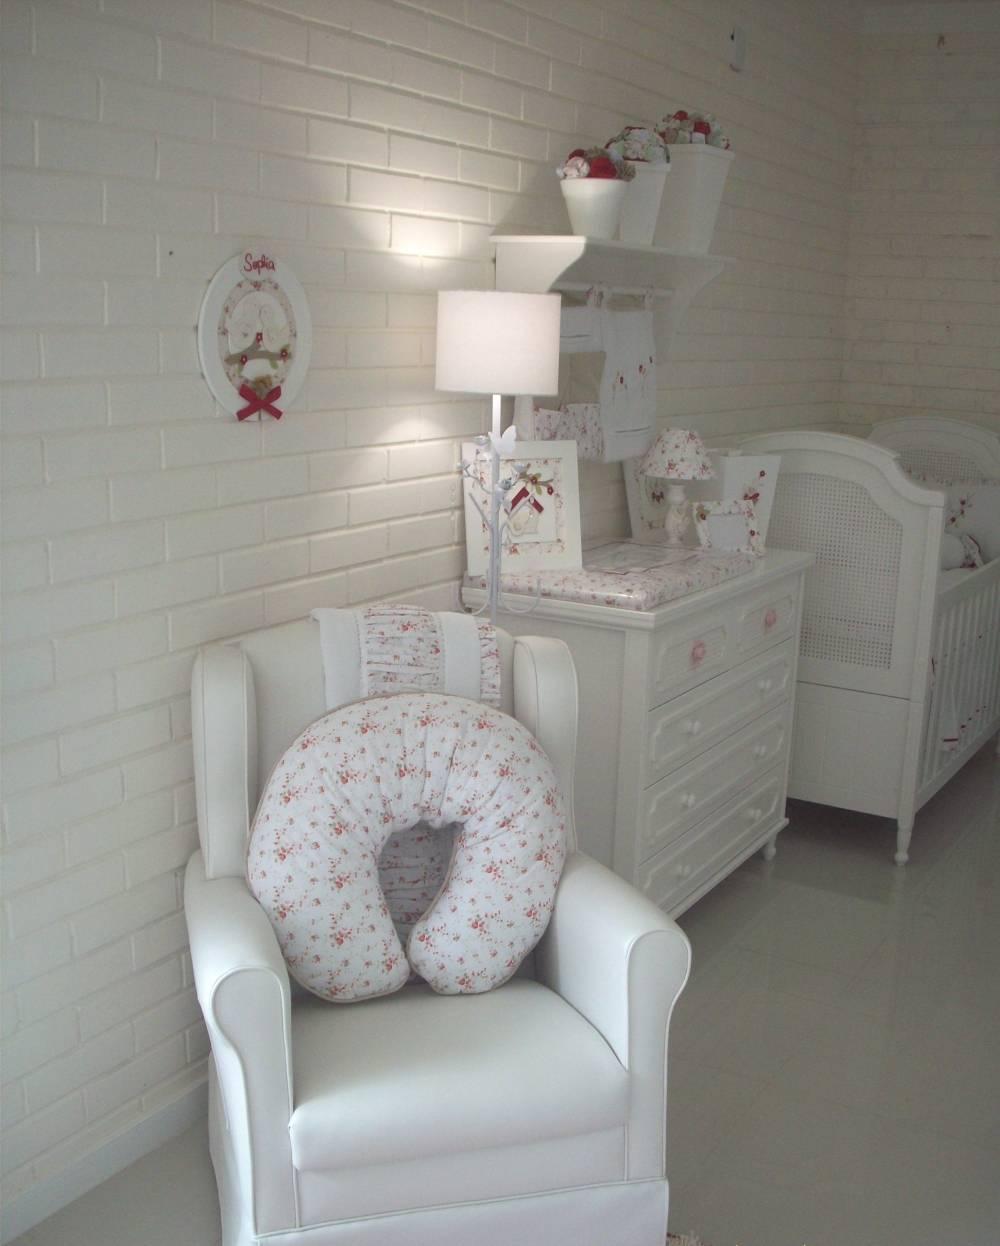 Decoração de Quarto de Bebê em Apartamento Pequeno no Itaim Bibi - Decoração de Quarto de Bebê em Apartamento Pequeno